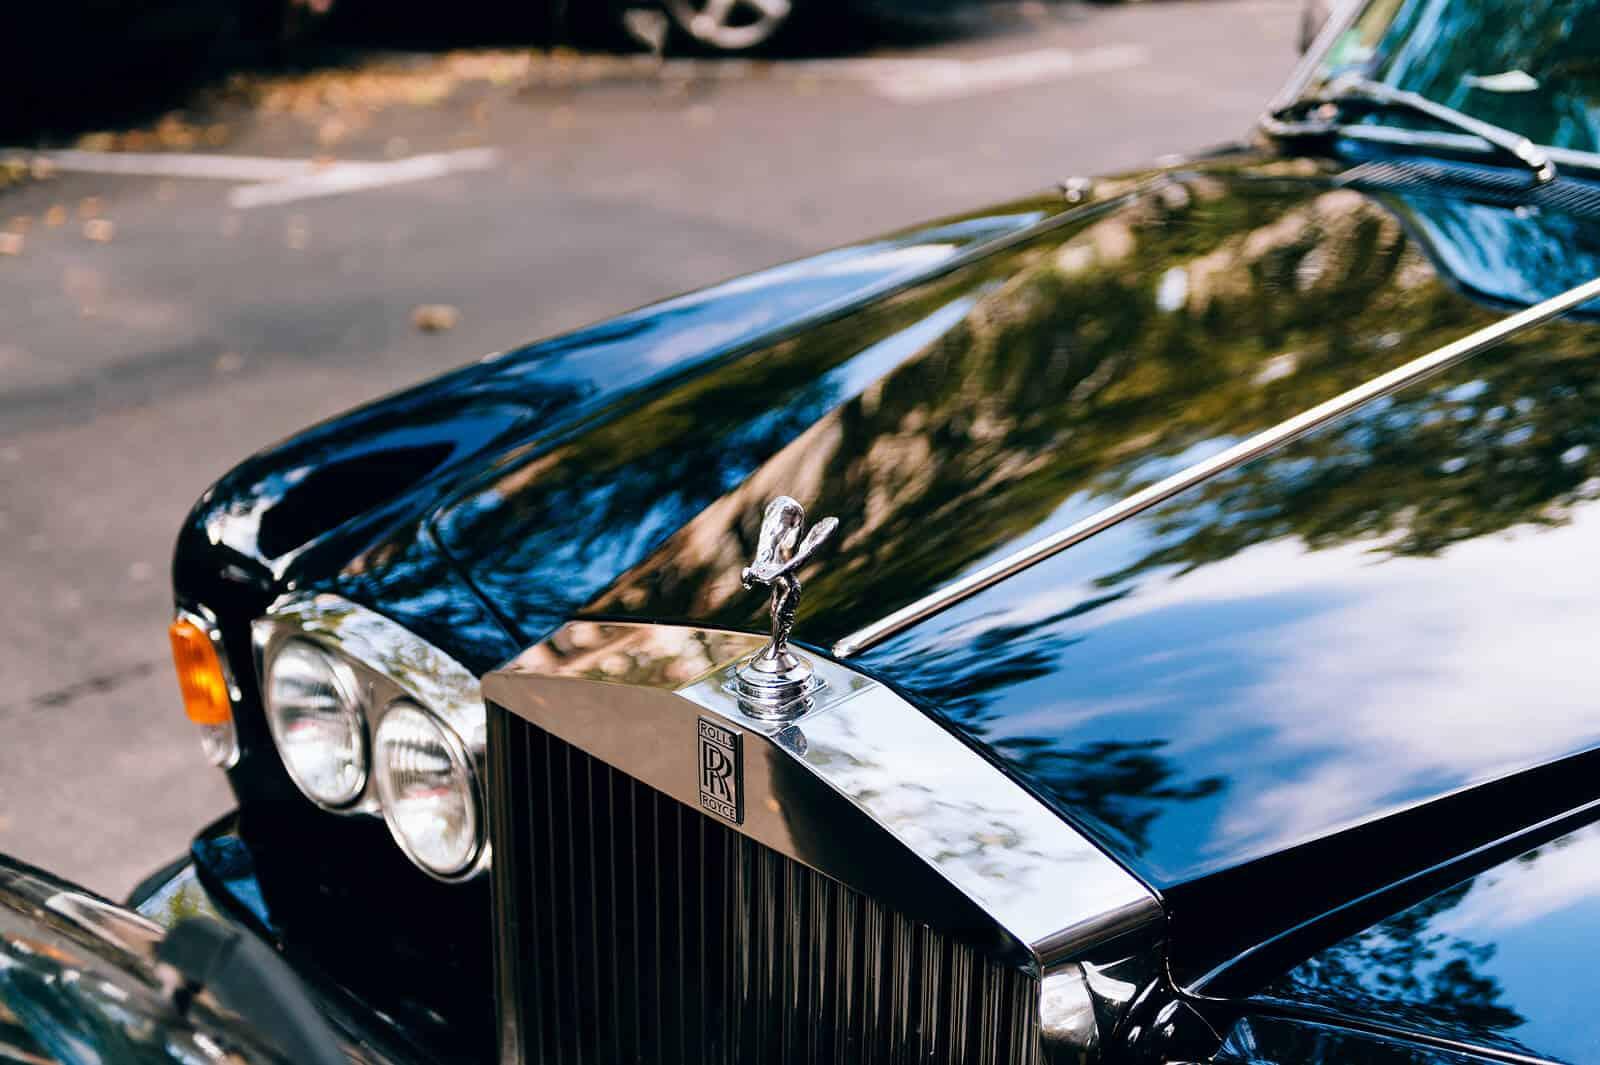 Bonnet of Rolls Royce